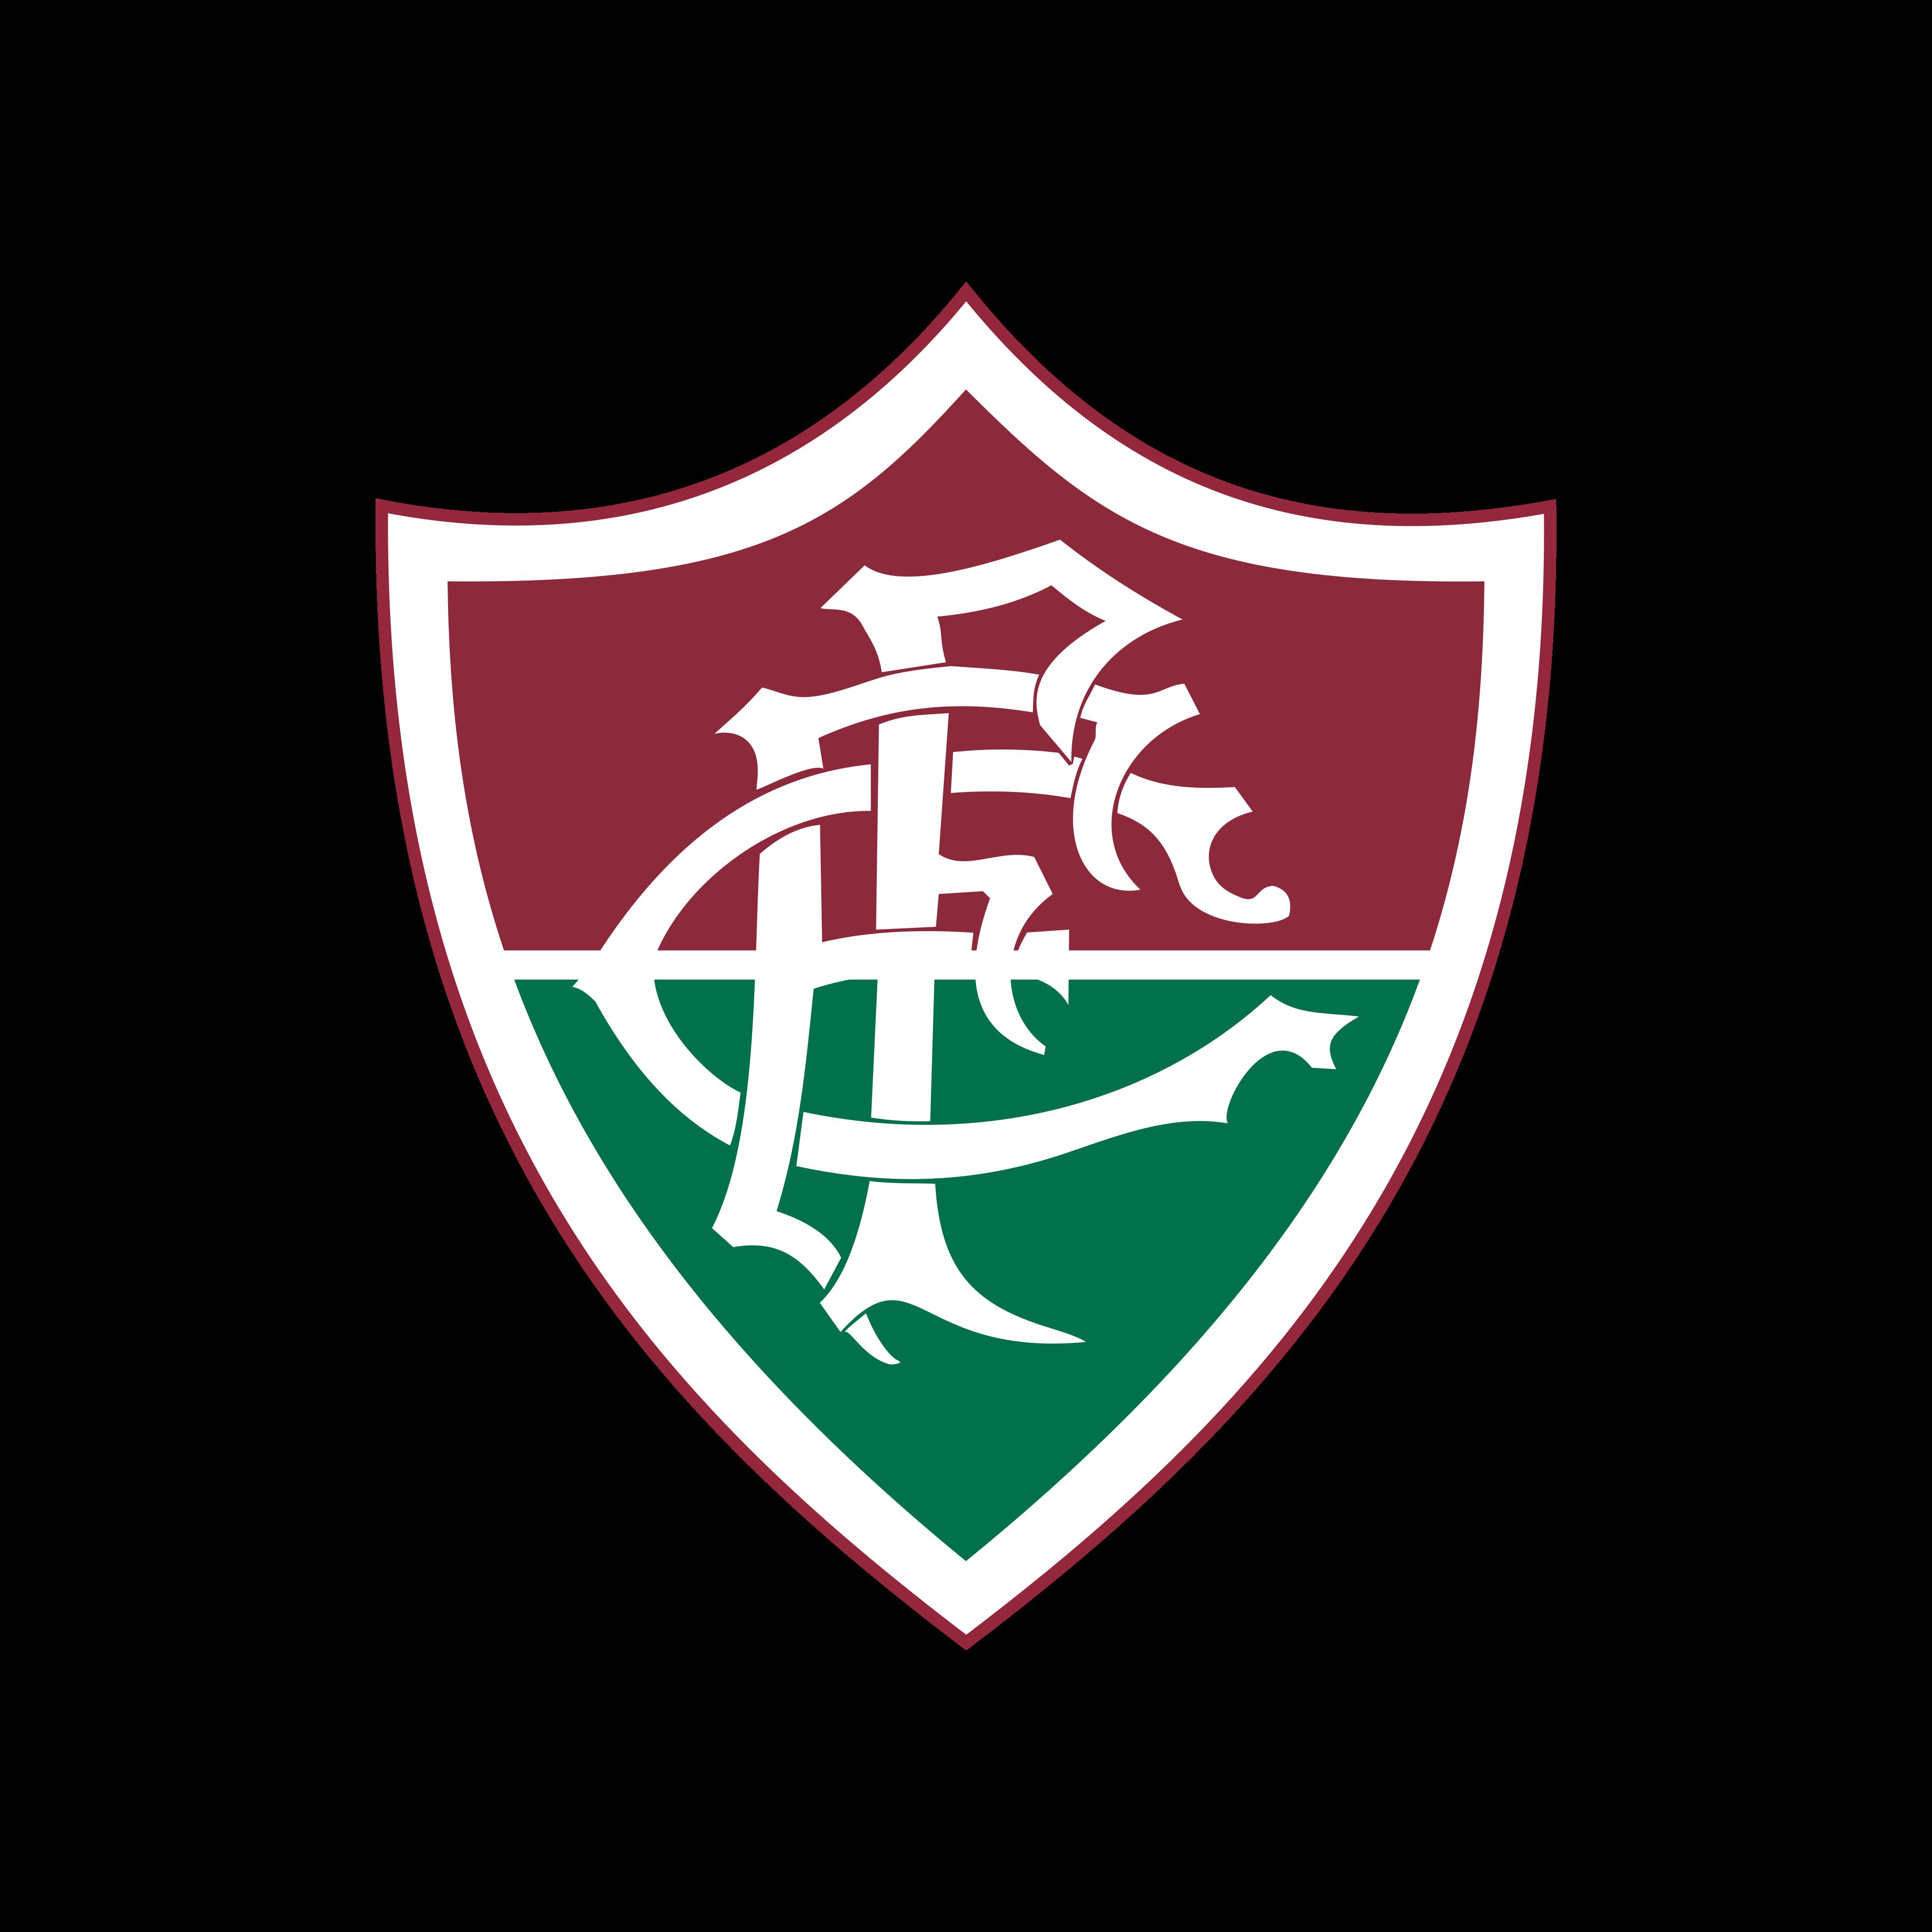 fluminense logo 0 - Fluminense FC Logo